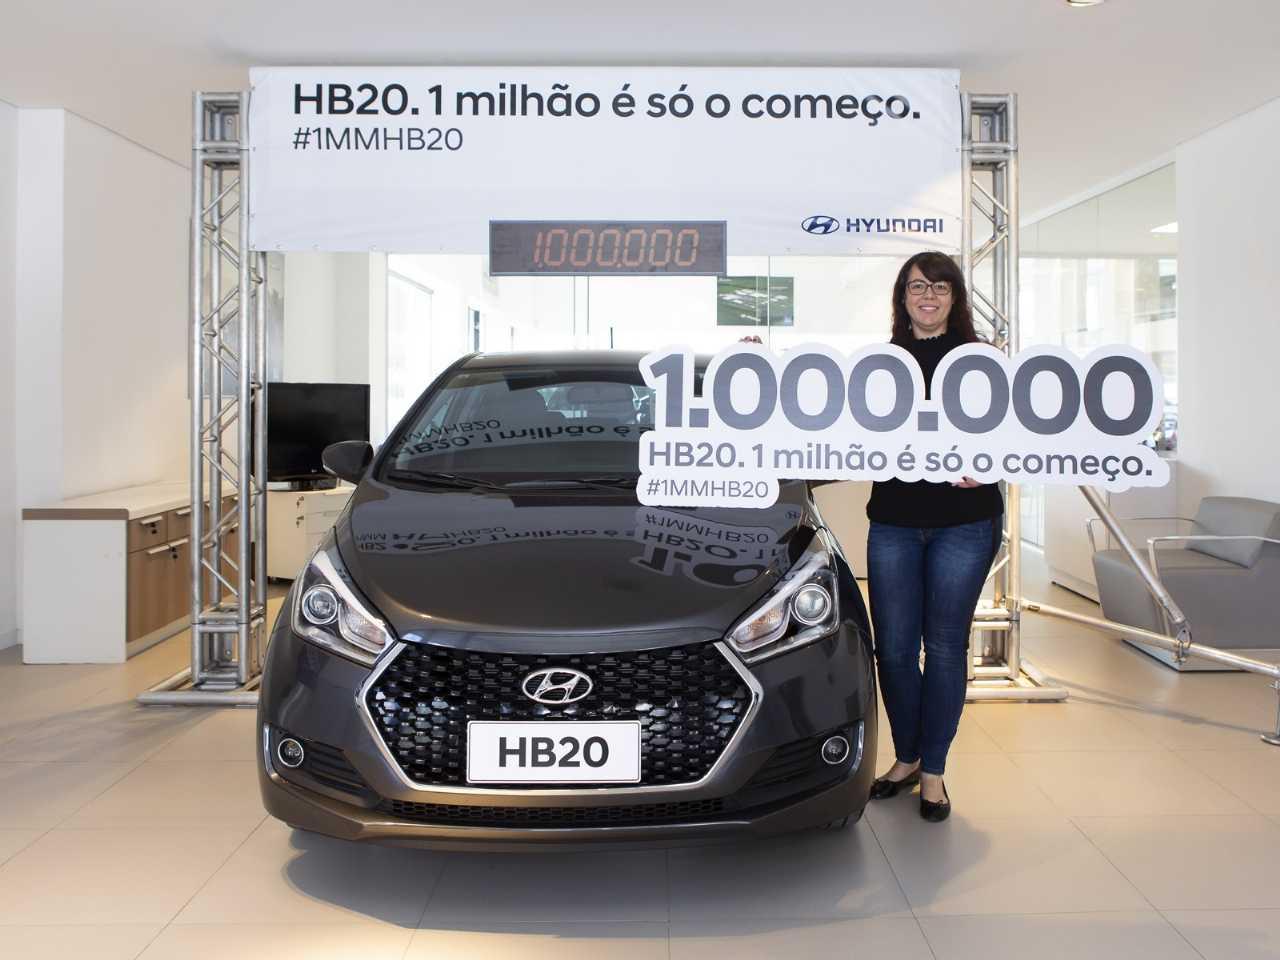 A cliente da Hyundai Carolina Camargo de Oliveira recebe o HB20 número 1 mihão: será mesmo que é só o começo?